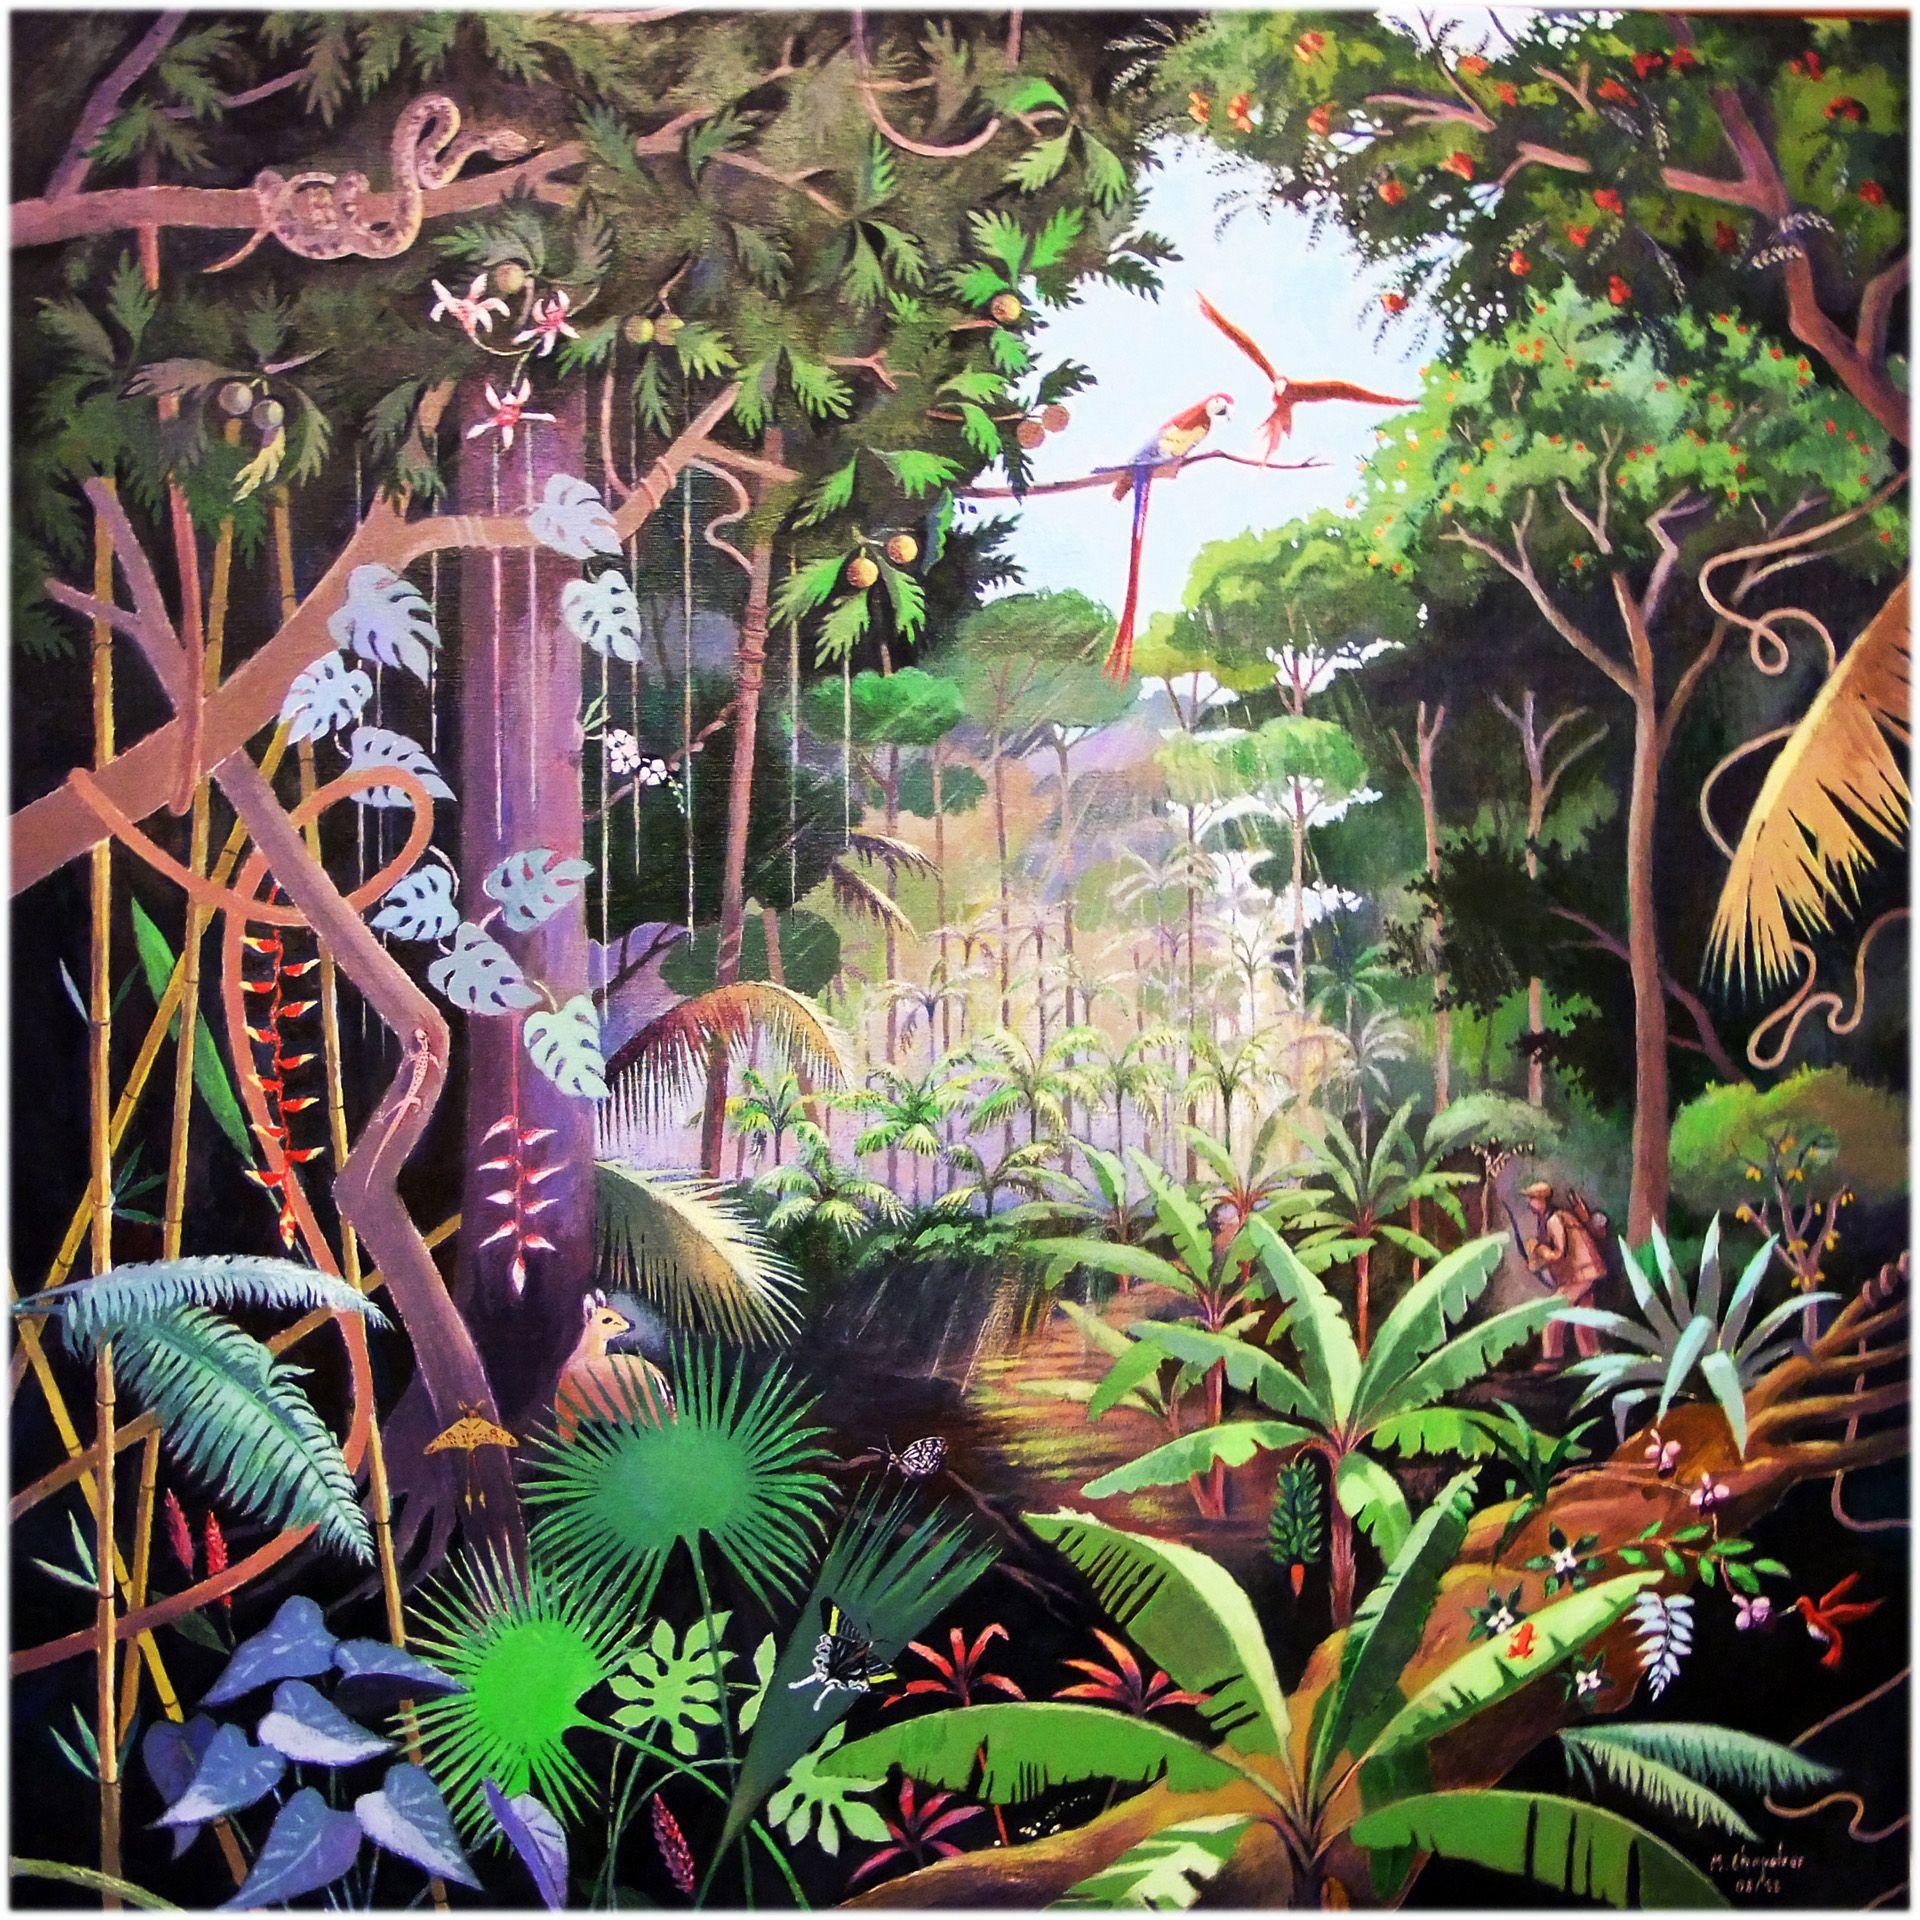 Clairiere Tropicale Dessin Foret Peinture De Foret Image Foret